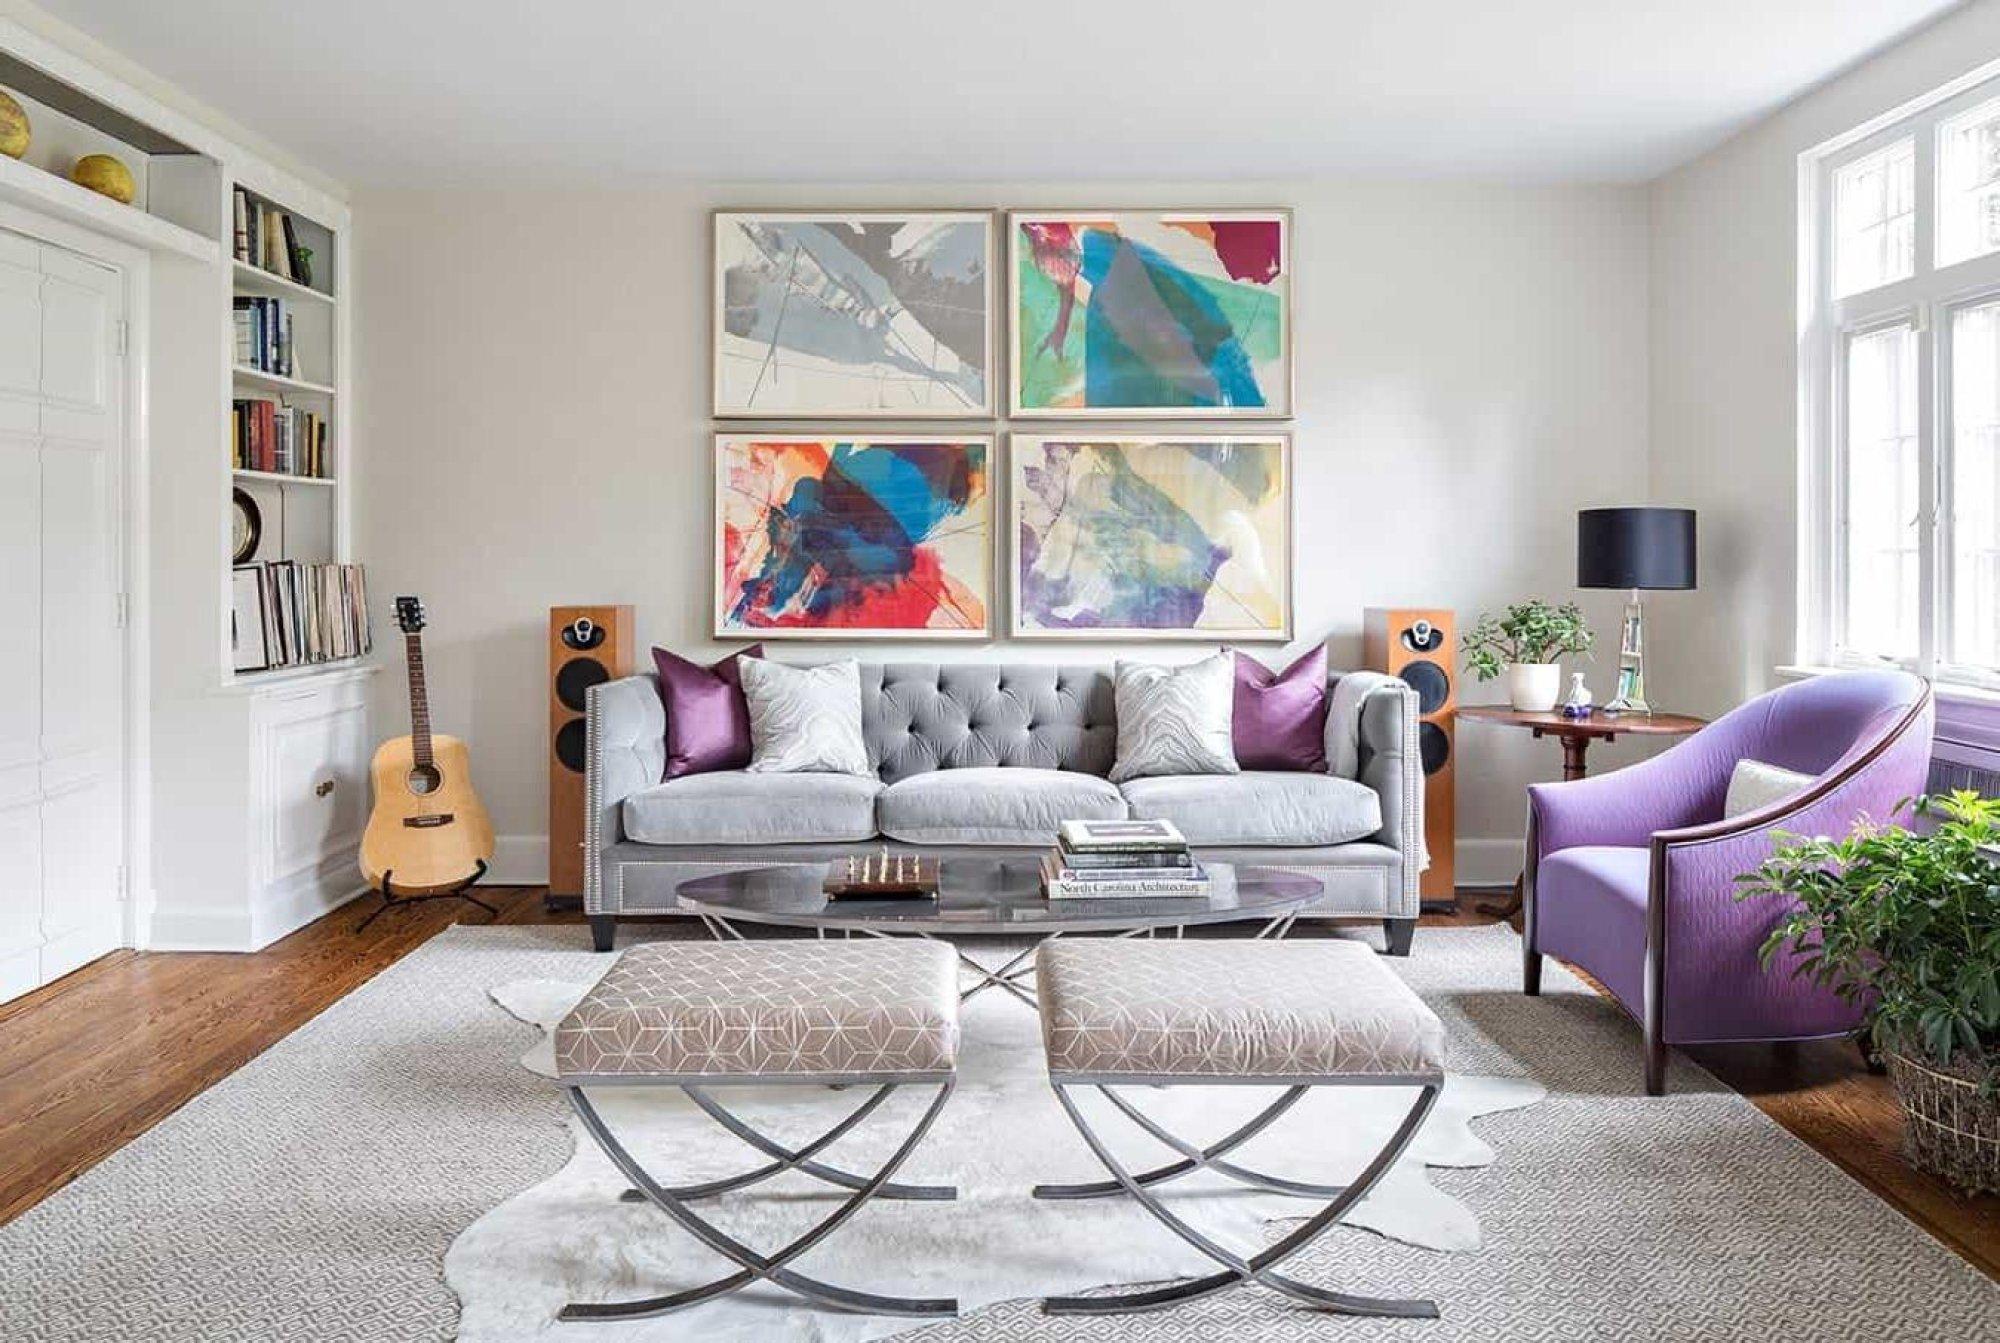 Нужно помнить, что именно мелкие детали: подушки, картины, светильник или цветы, способны создать особенную атмосферу, именно они способны отлично дополнить дизайн комнаты и гармонично вписаться в интерьер помещения